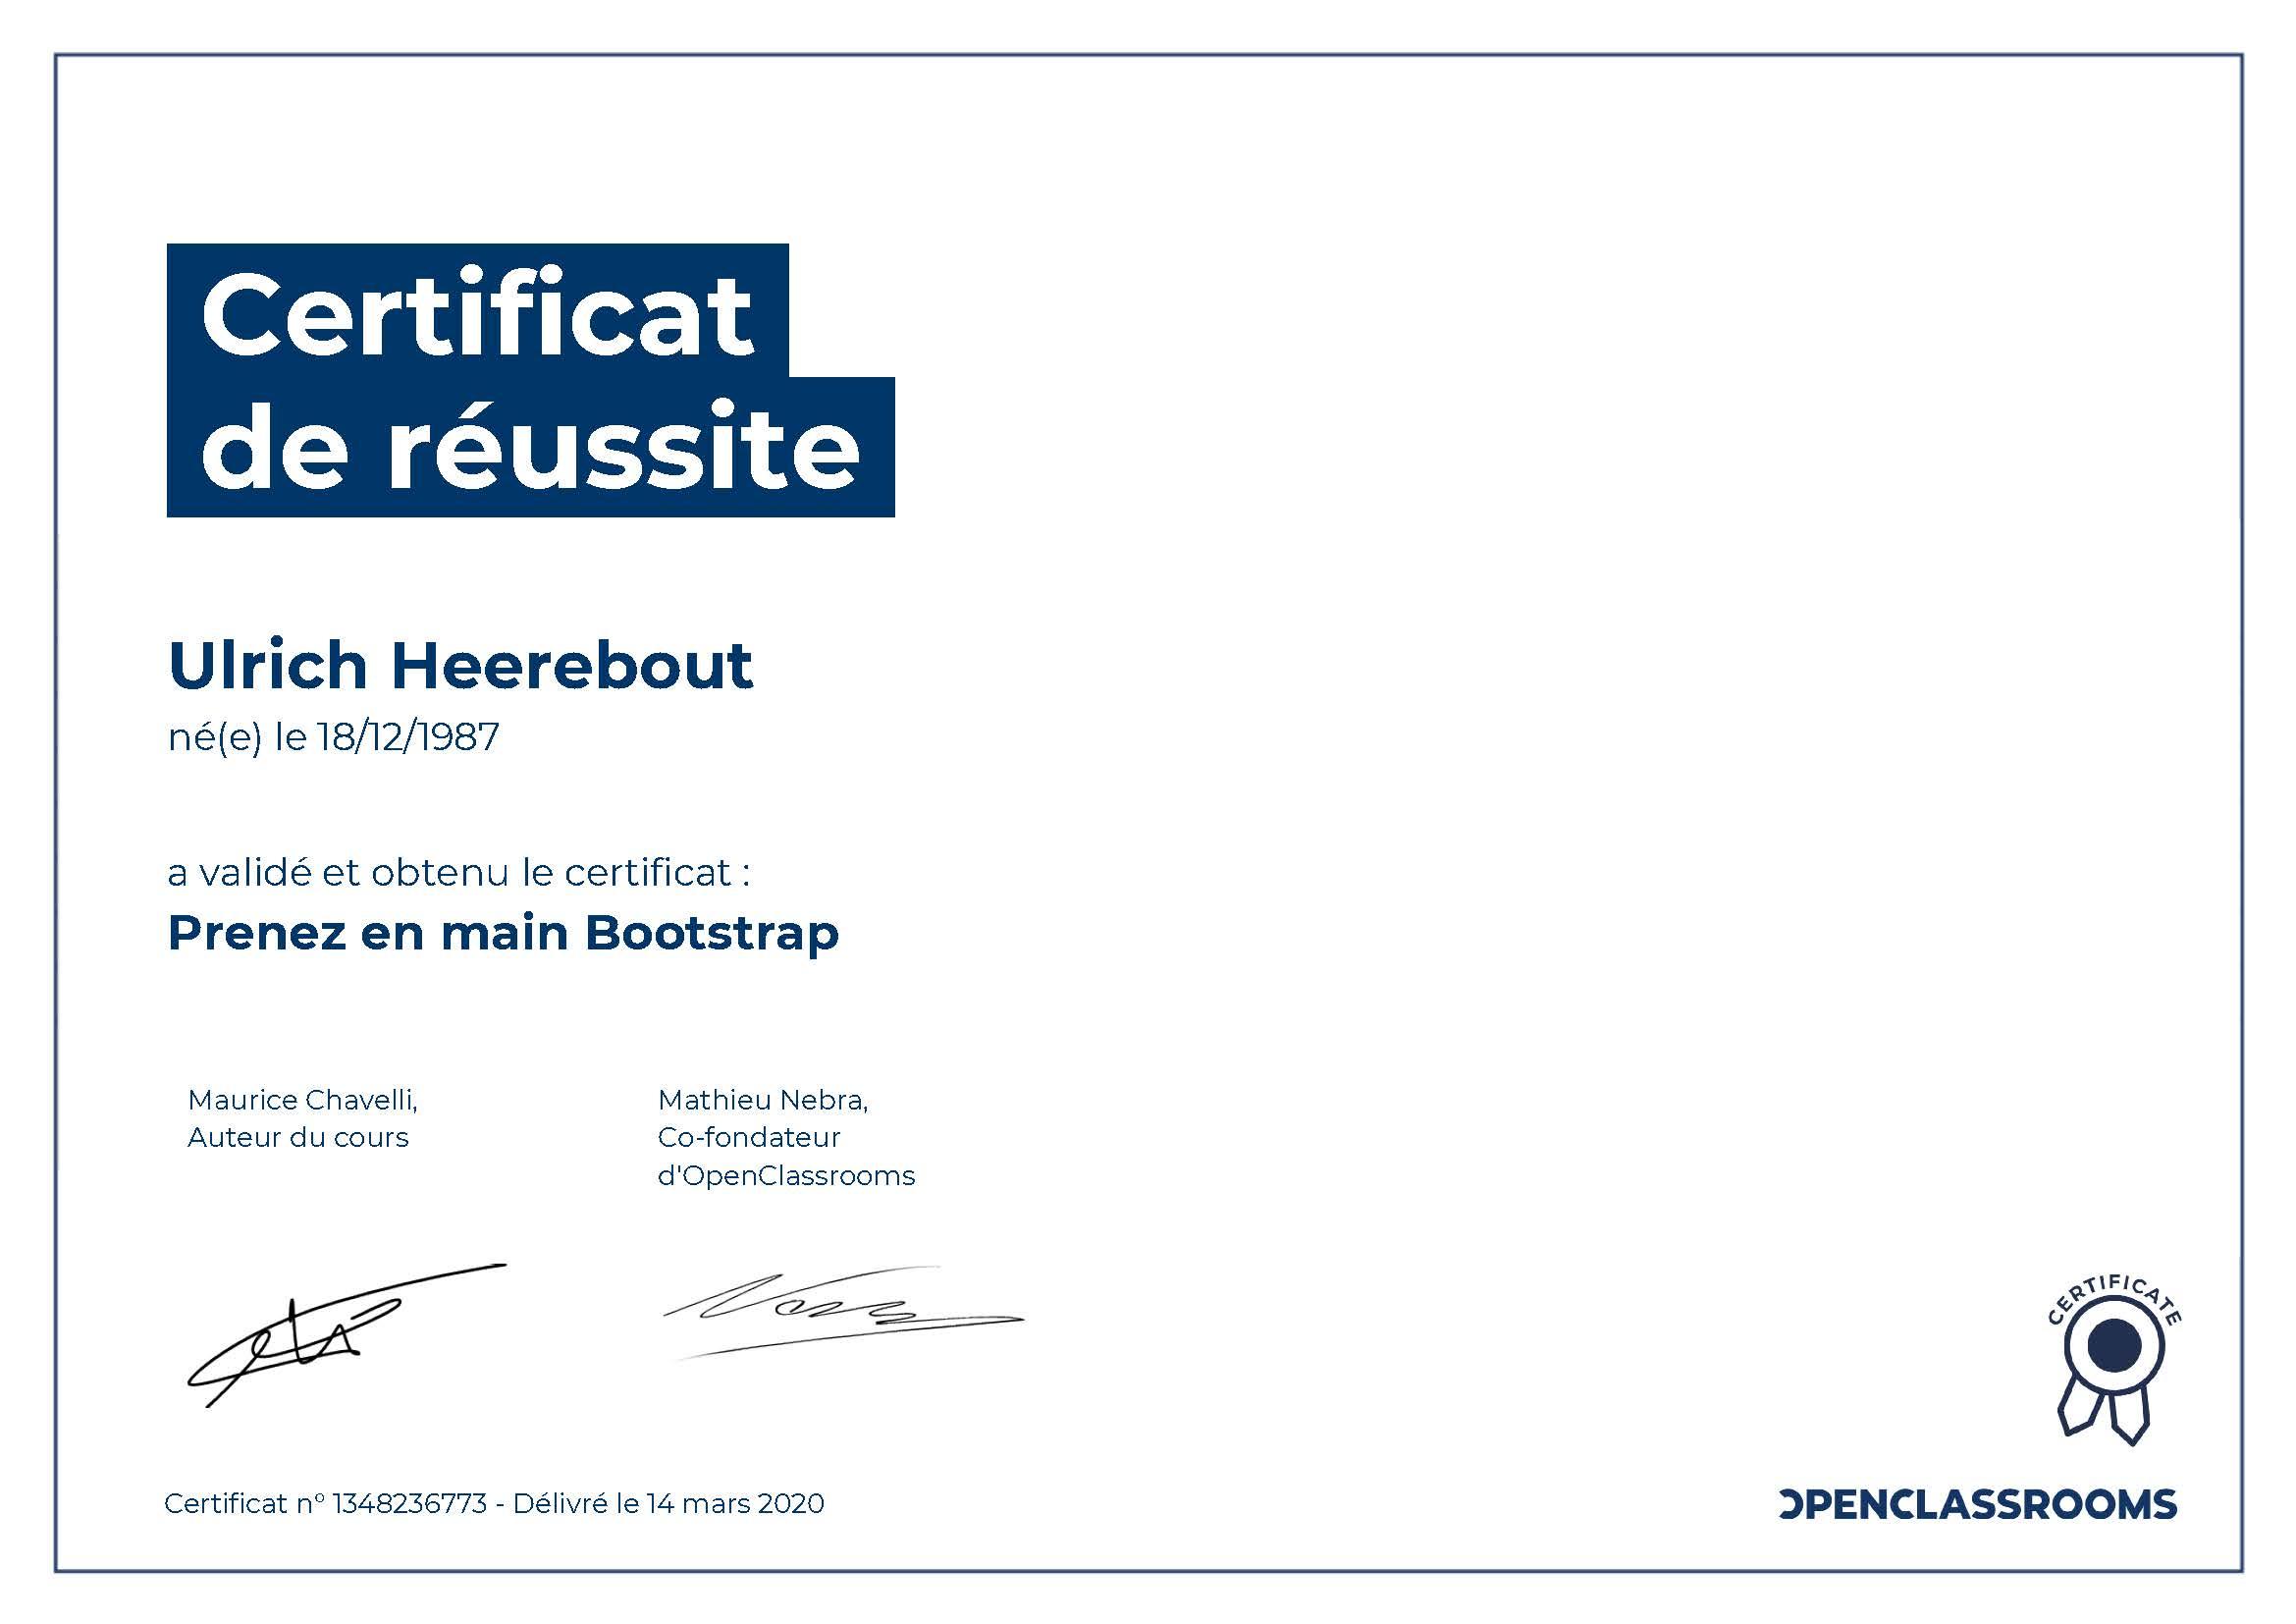 Certificat de réussite : Prenez en main Bootstrap